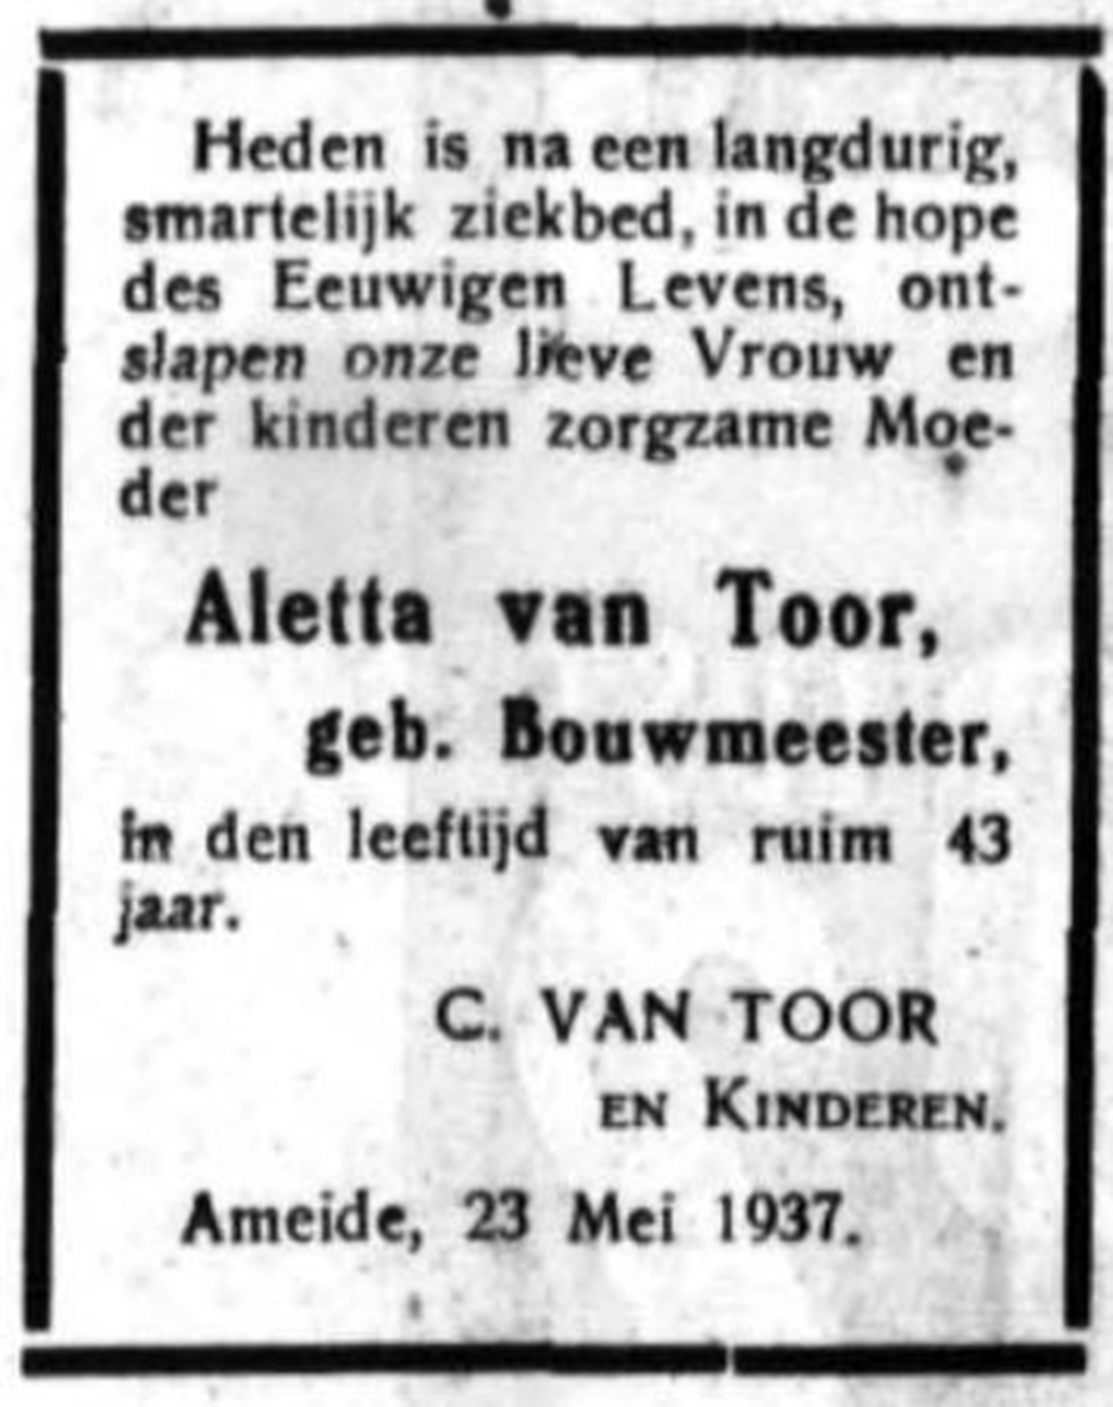 schoonhovensche-courant-06812-1937-05-24-artikel-01